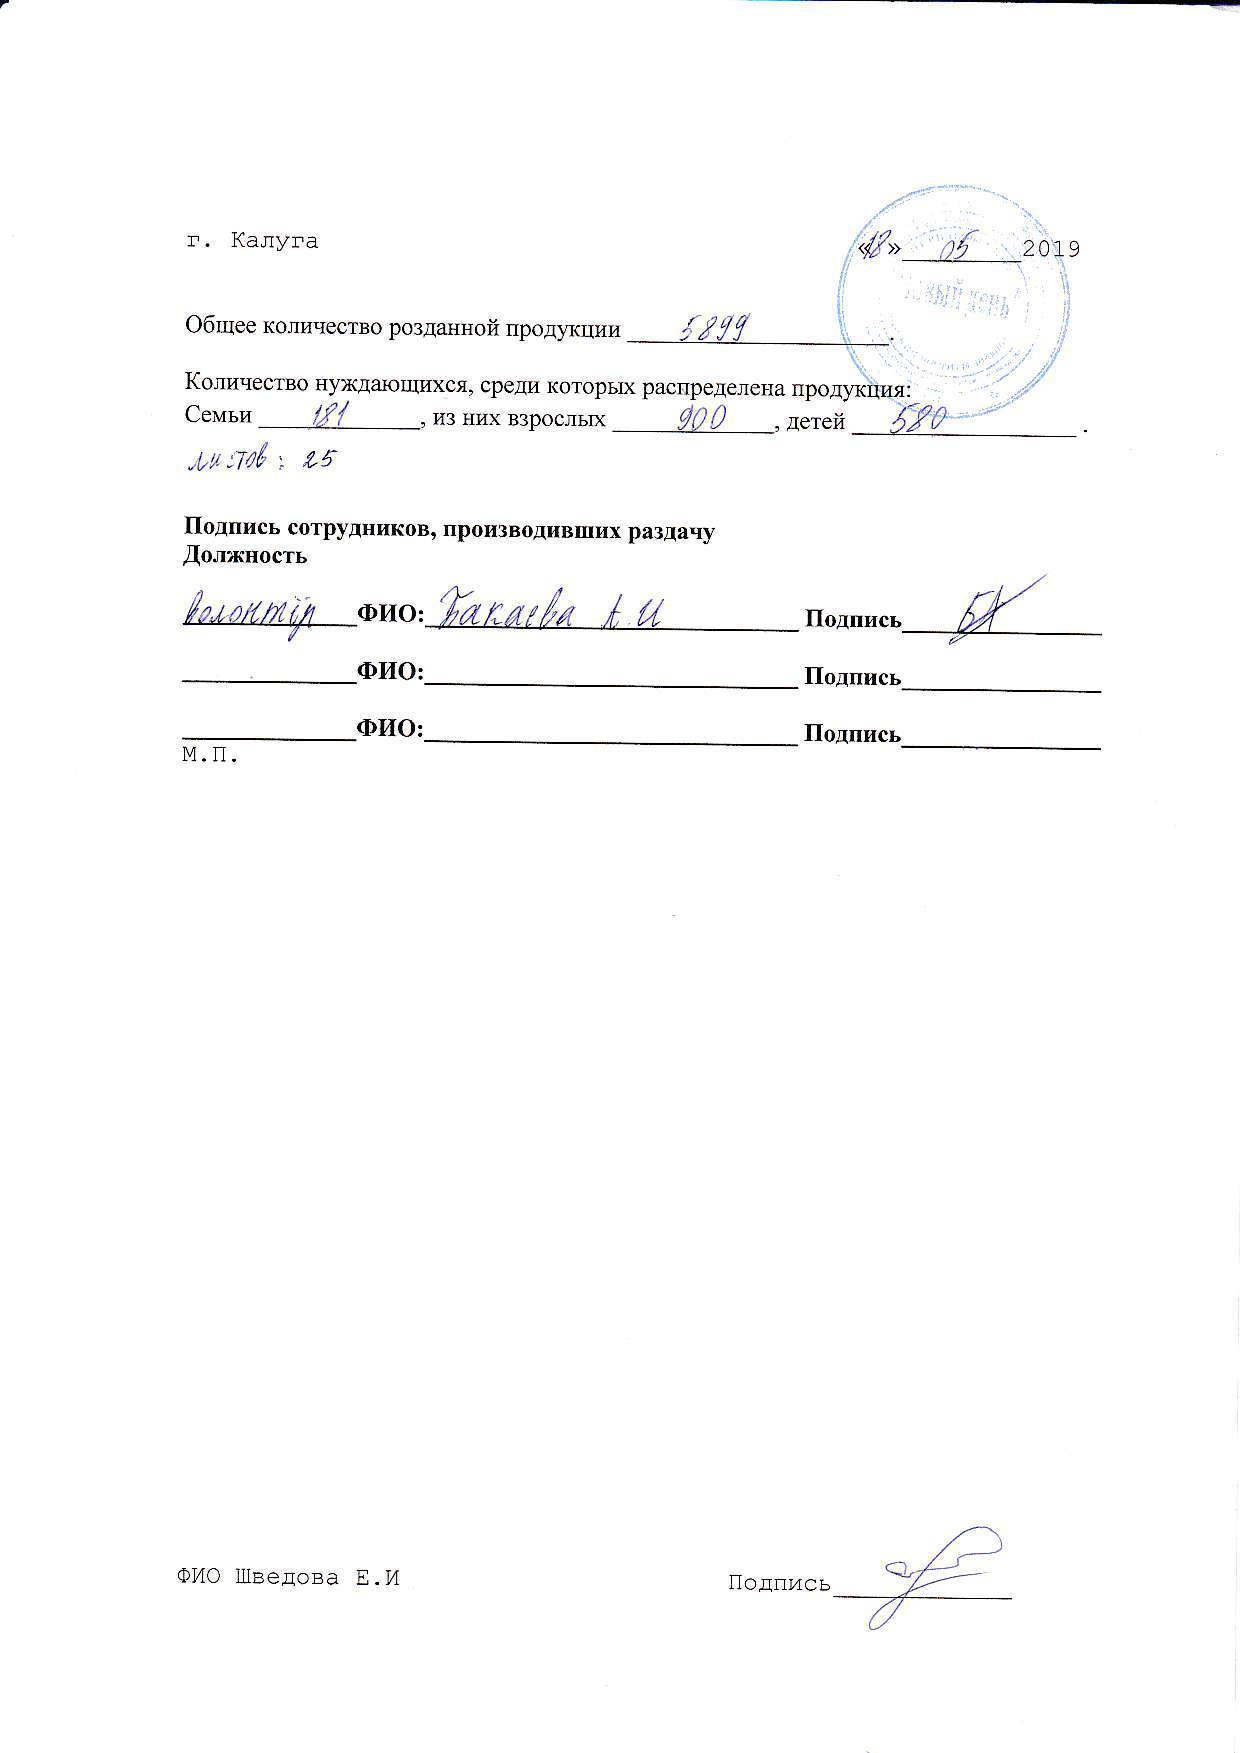 Молочка-кол-во-18.05.2019